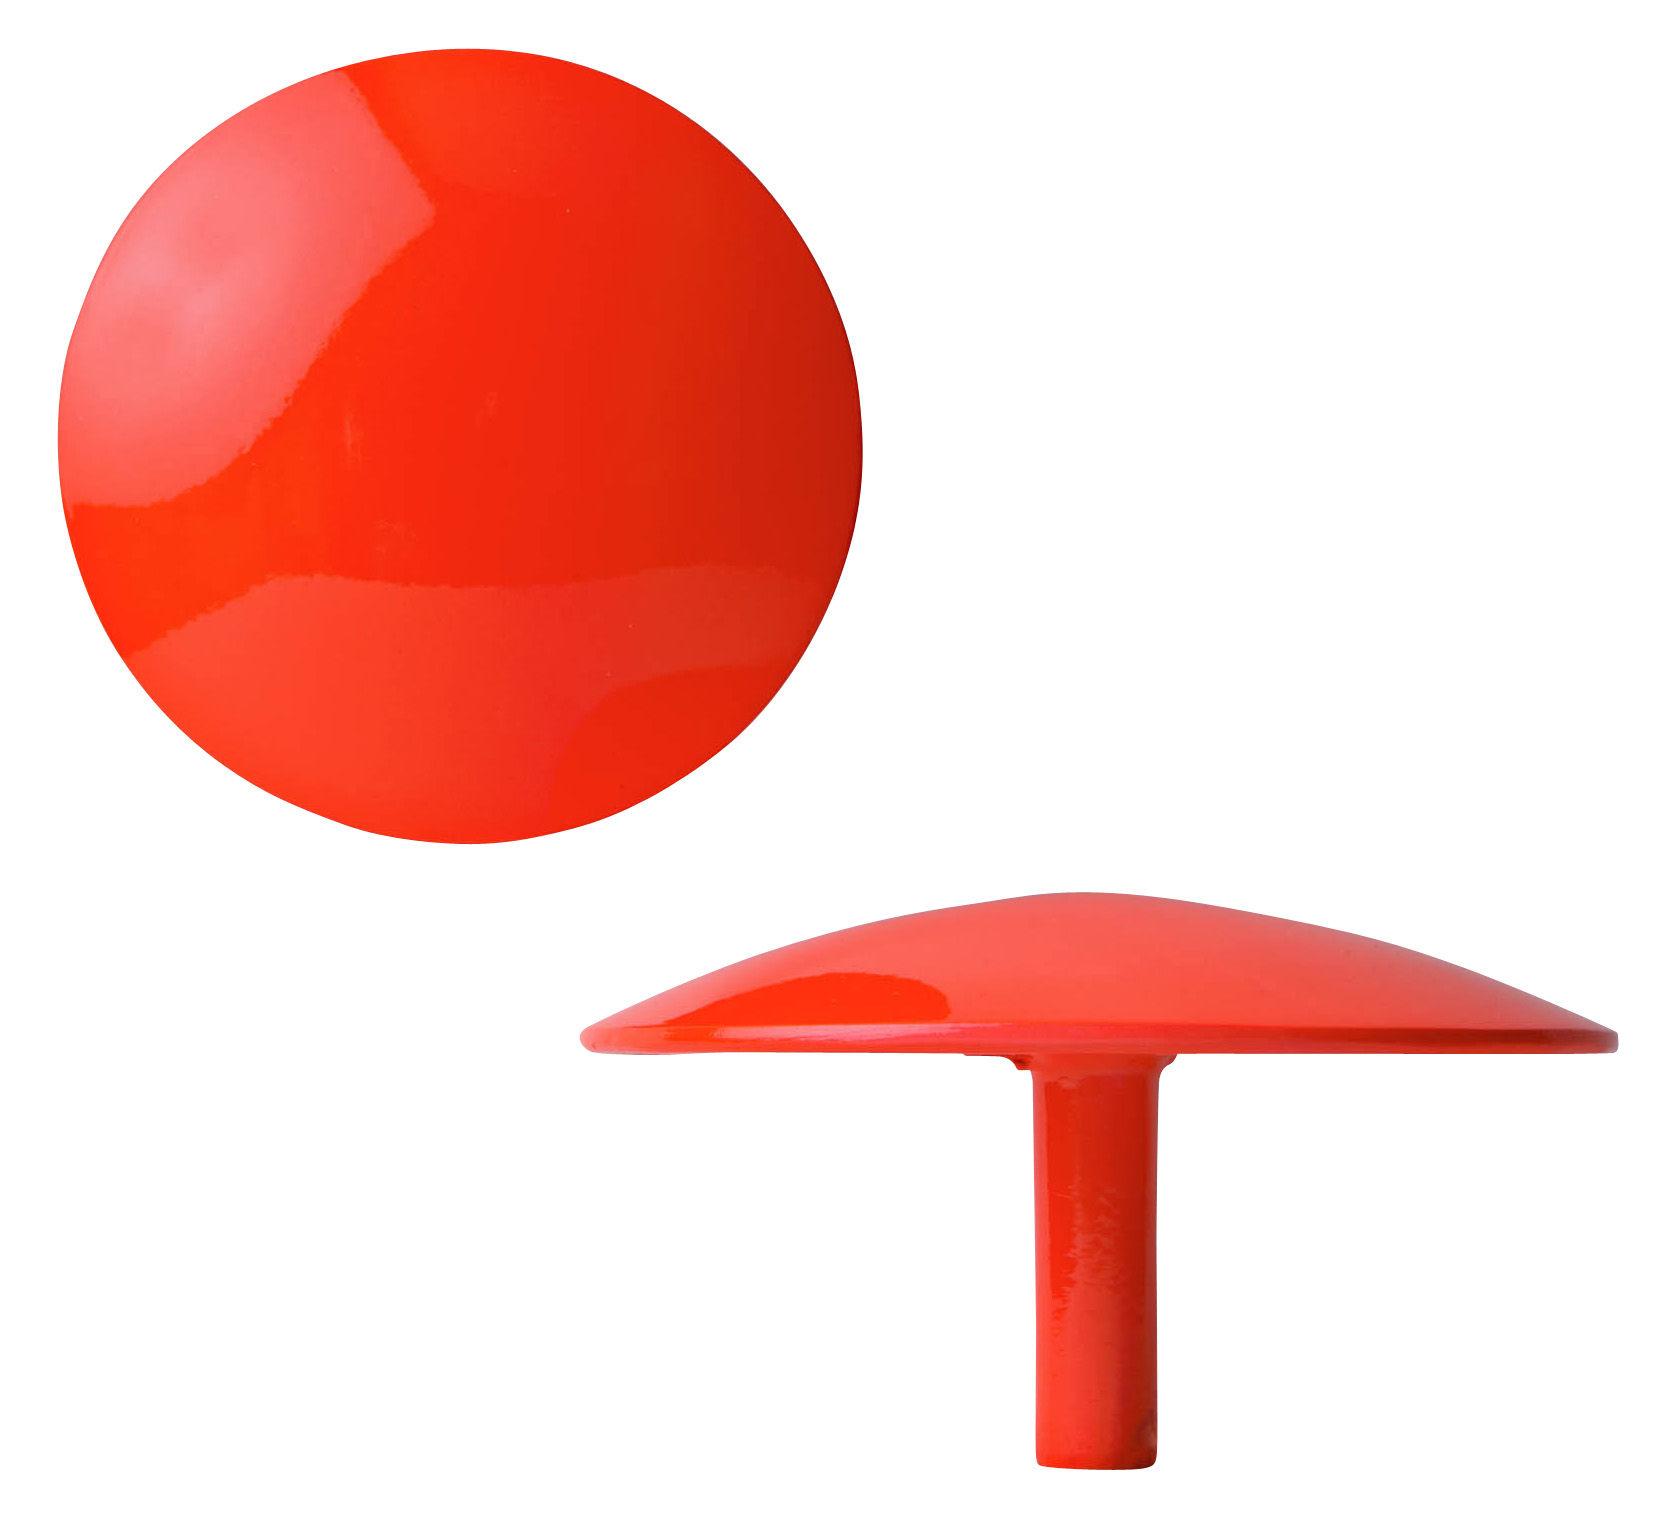 Mobilier - Portemanteaux, patères & portants - Patère Manto fluo - Ø 12 cm - Sentou Edition - Rouge - Ø 12 cm - Fonte d'aluminium laqué